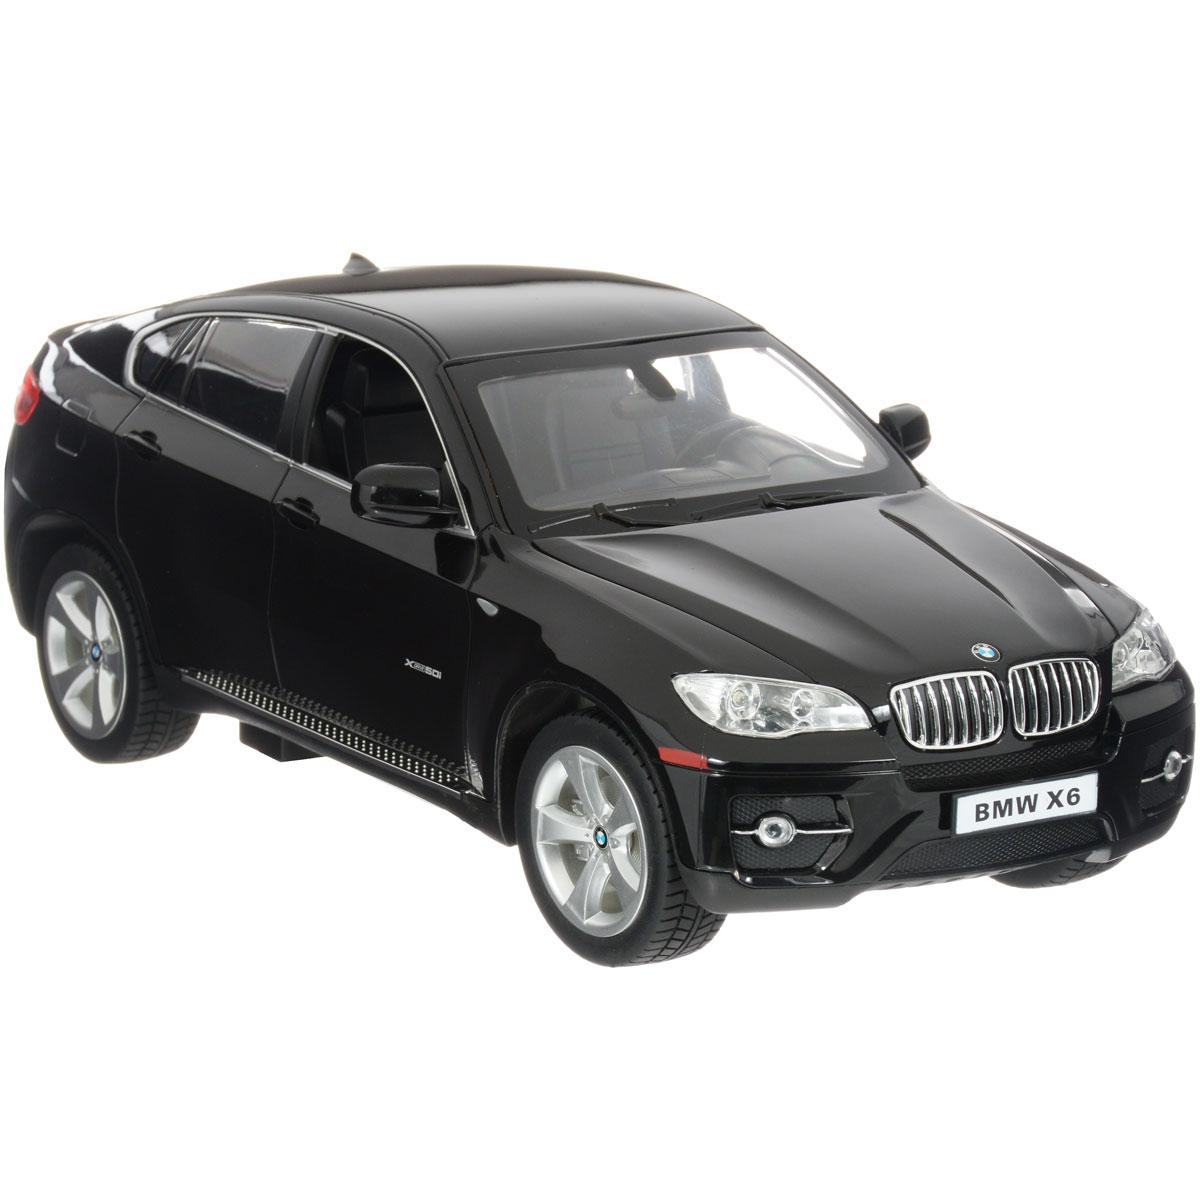 Rastar Радиоуправляемая модель BMW X6 цвет черный31400Любители немецких автомобилей, наверняка, оценят этот кроссовер. Увлекательно управлять BMW X6, даже если это только радиоуправляемая копия. Особенности: Машина на радиоуправлении BMW X6 выполнена в масштабе 1:14 Модель управляется от пульта дистанционного управления пистолетного типа